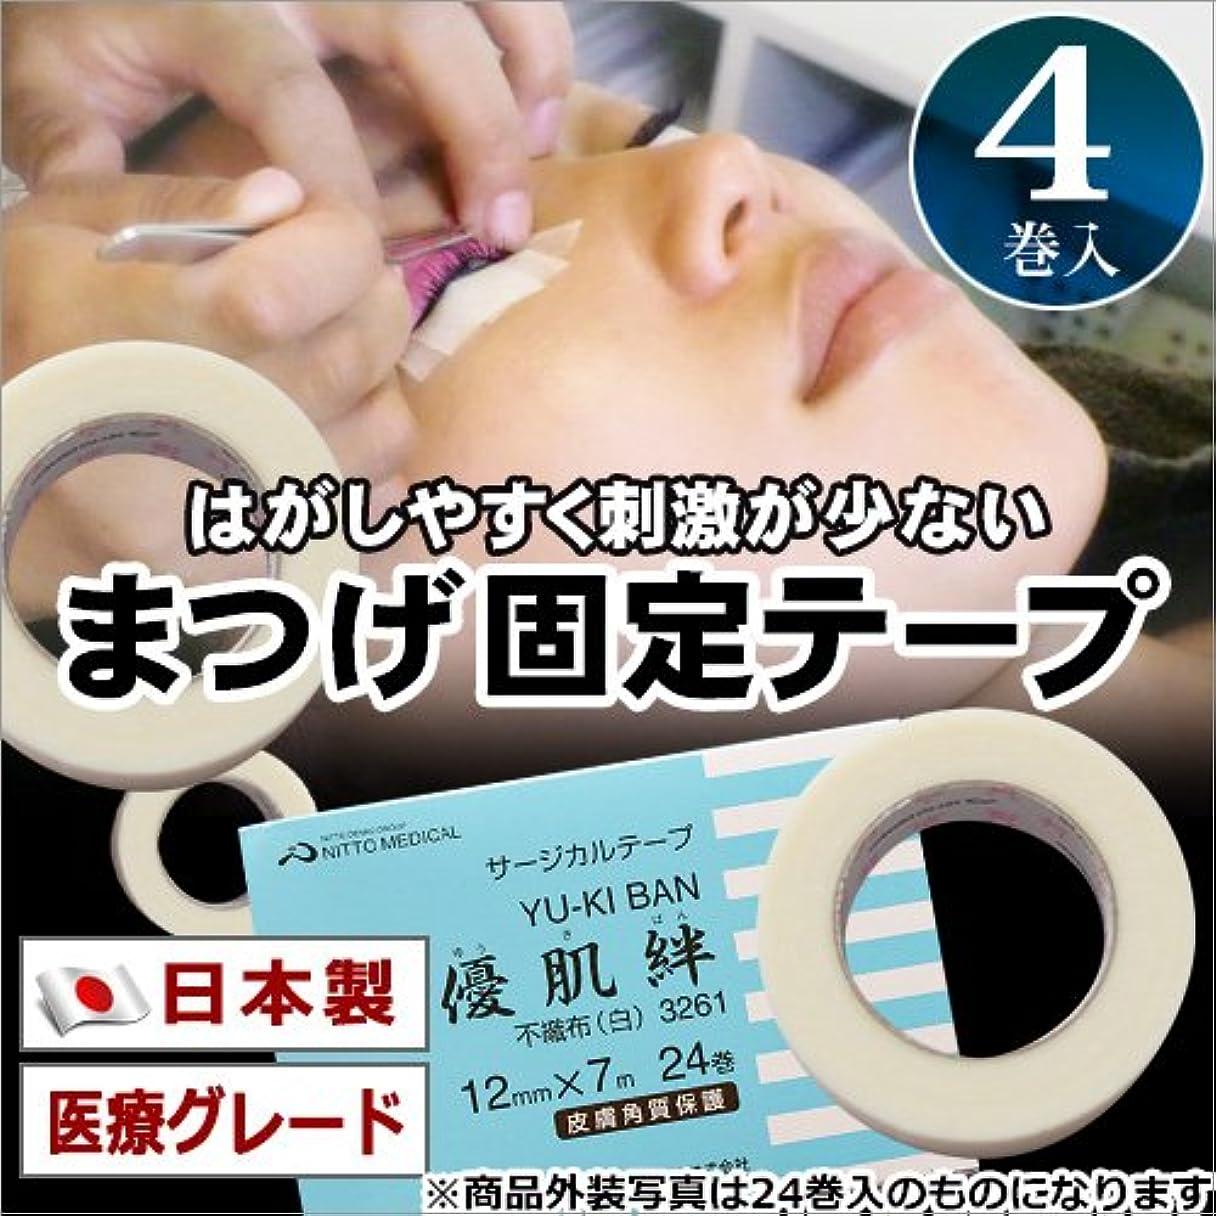 日本製 医療グレード アイラッシュテープ(まつげ固定テープ)4巻